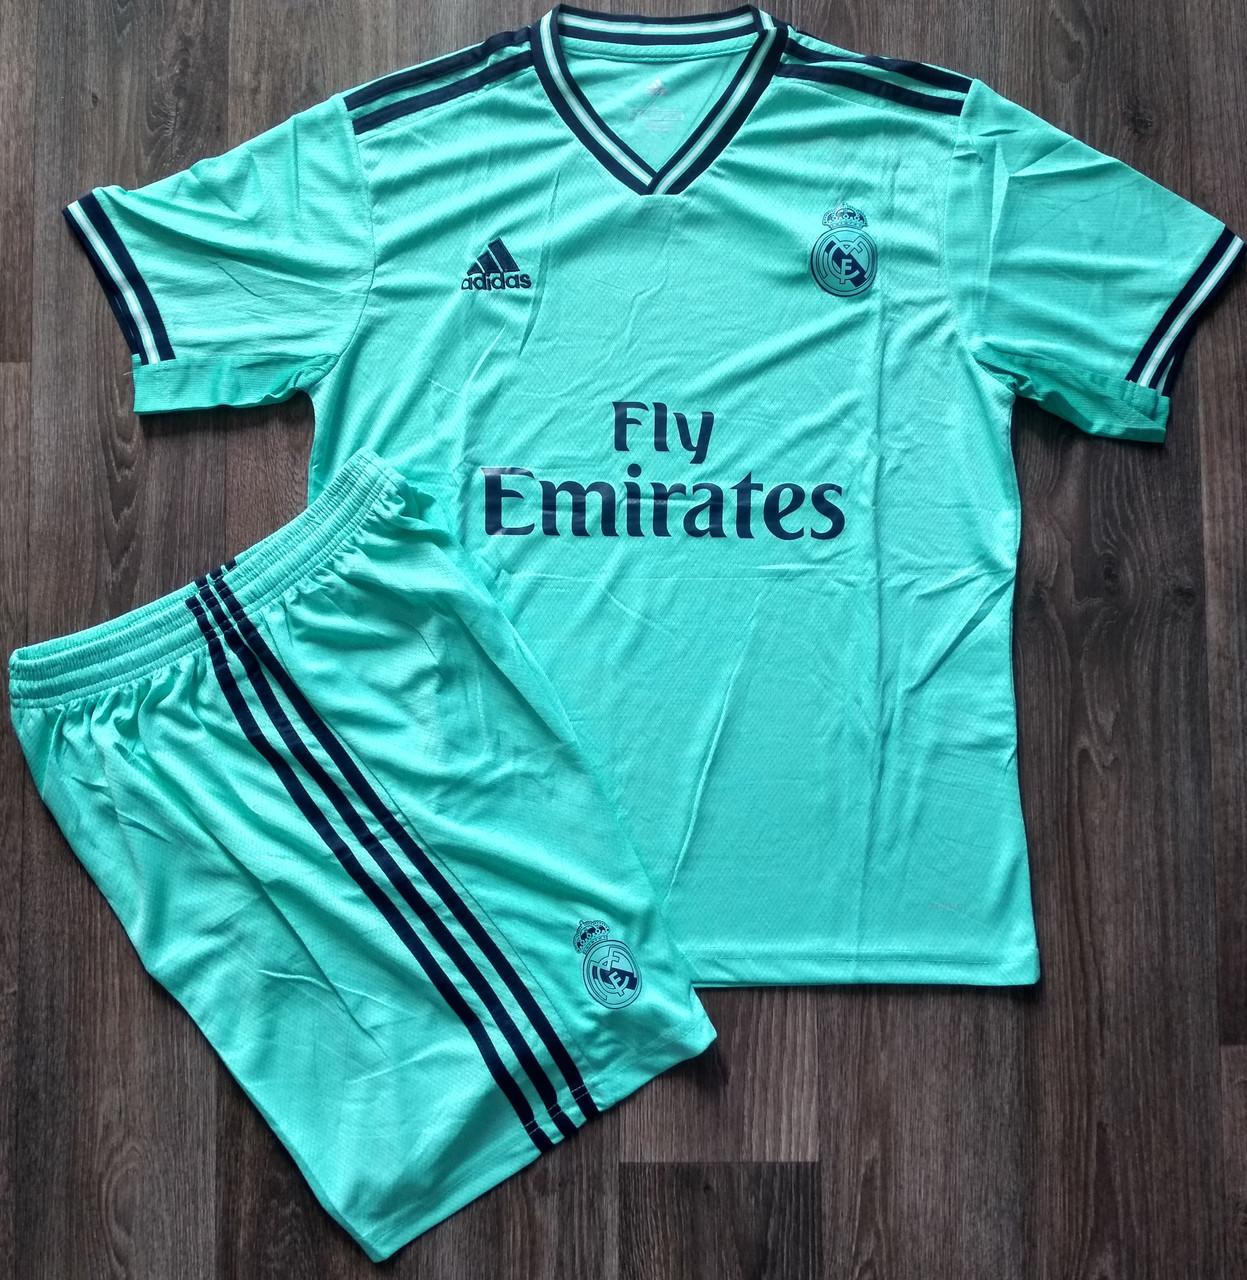 Футбольная форма Реал Мадрид сезон 2019-2020 резервная бирюзовая